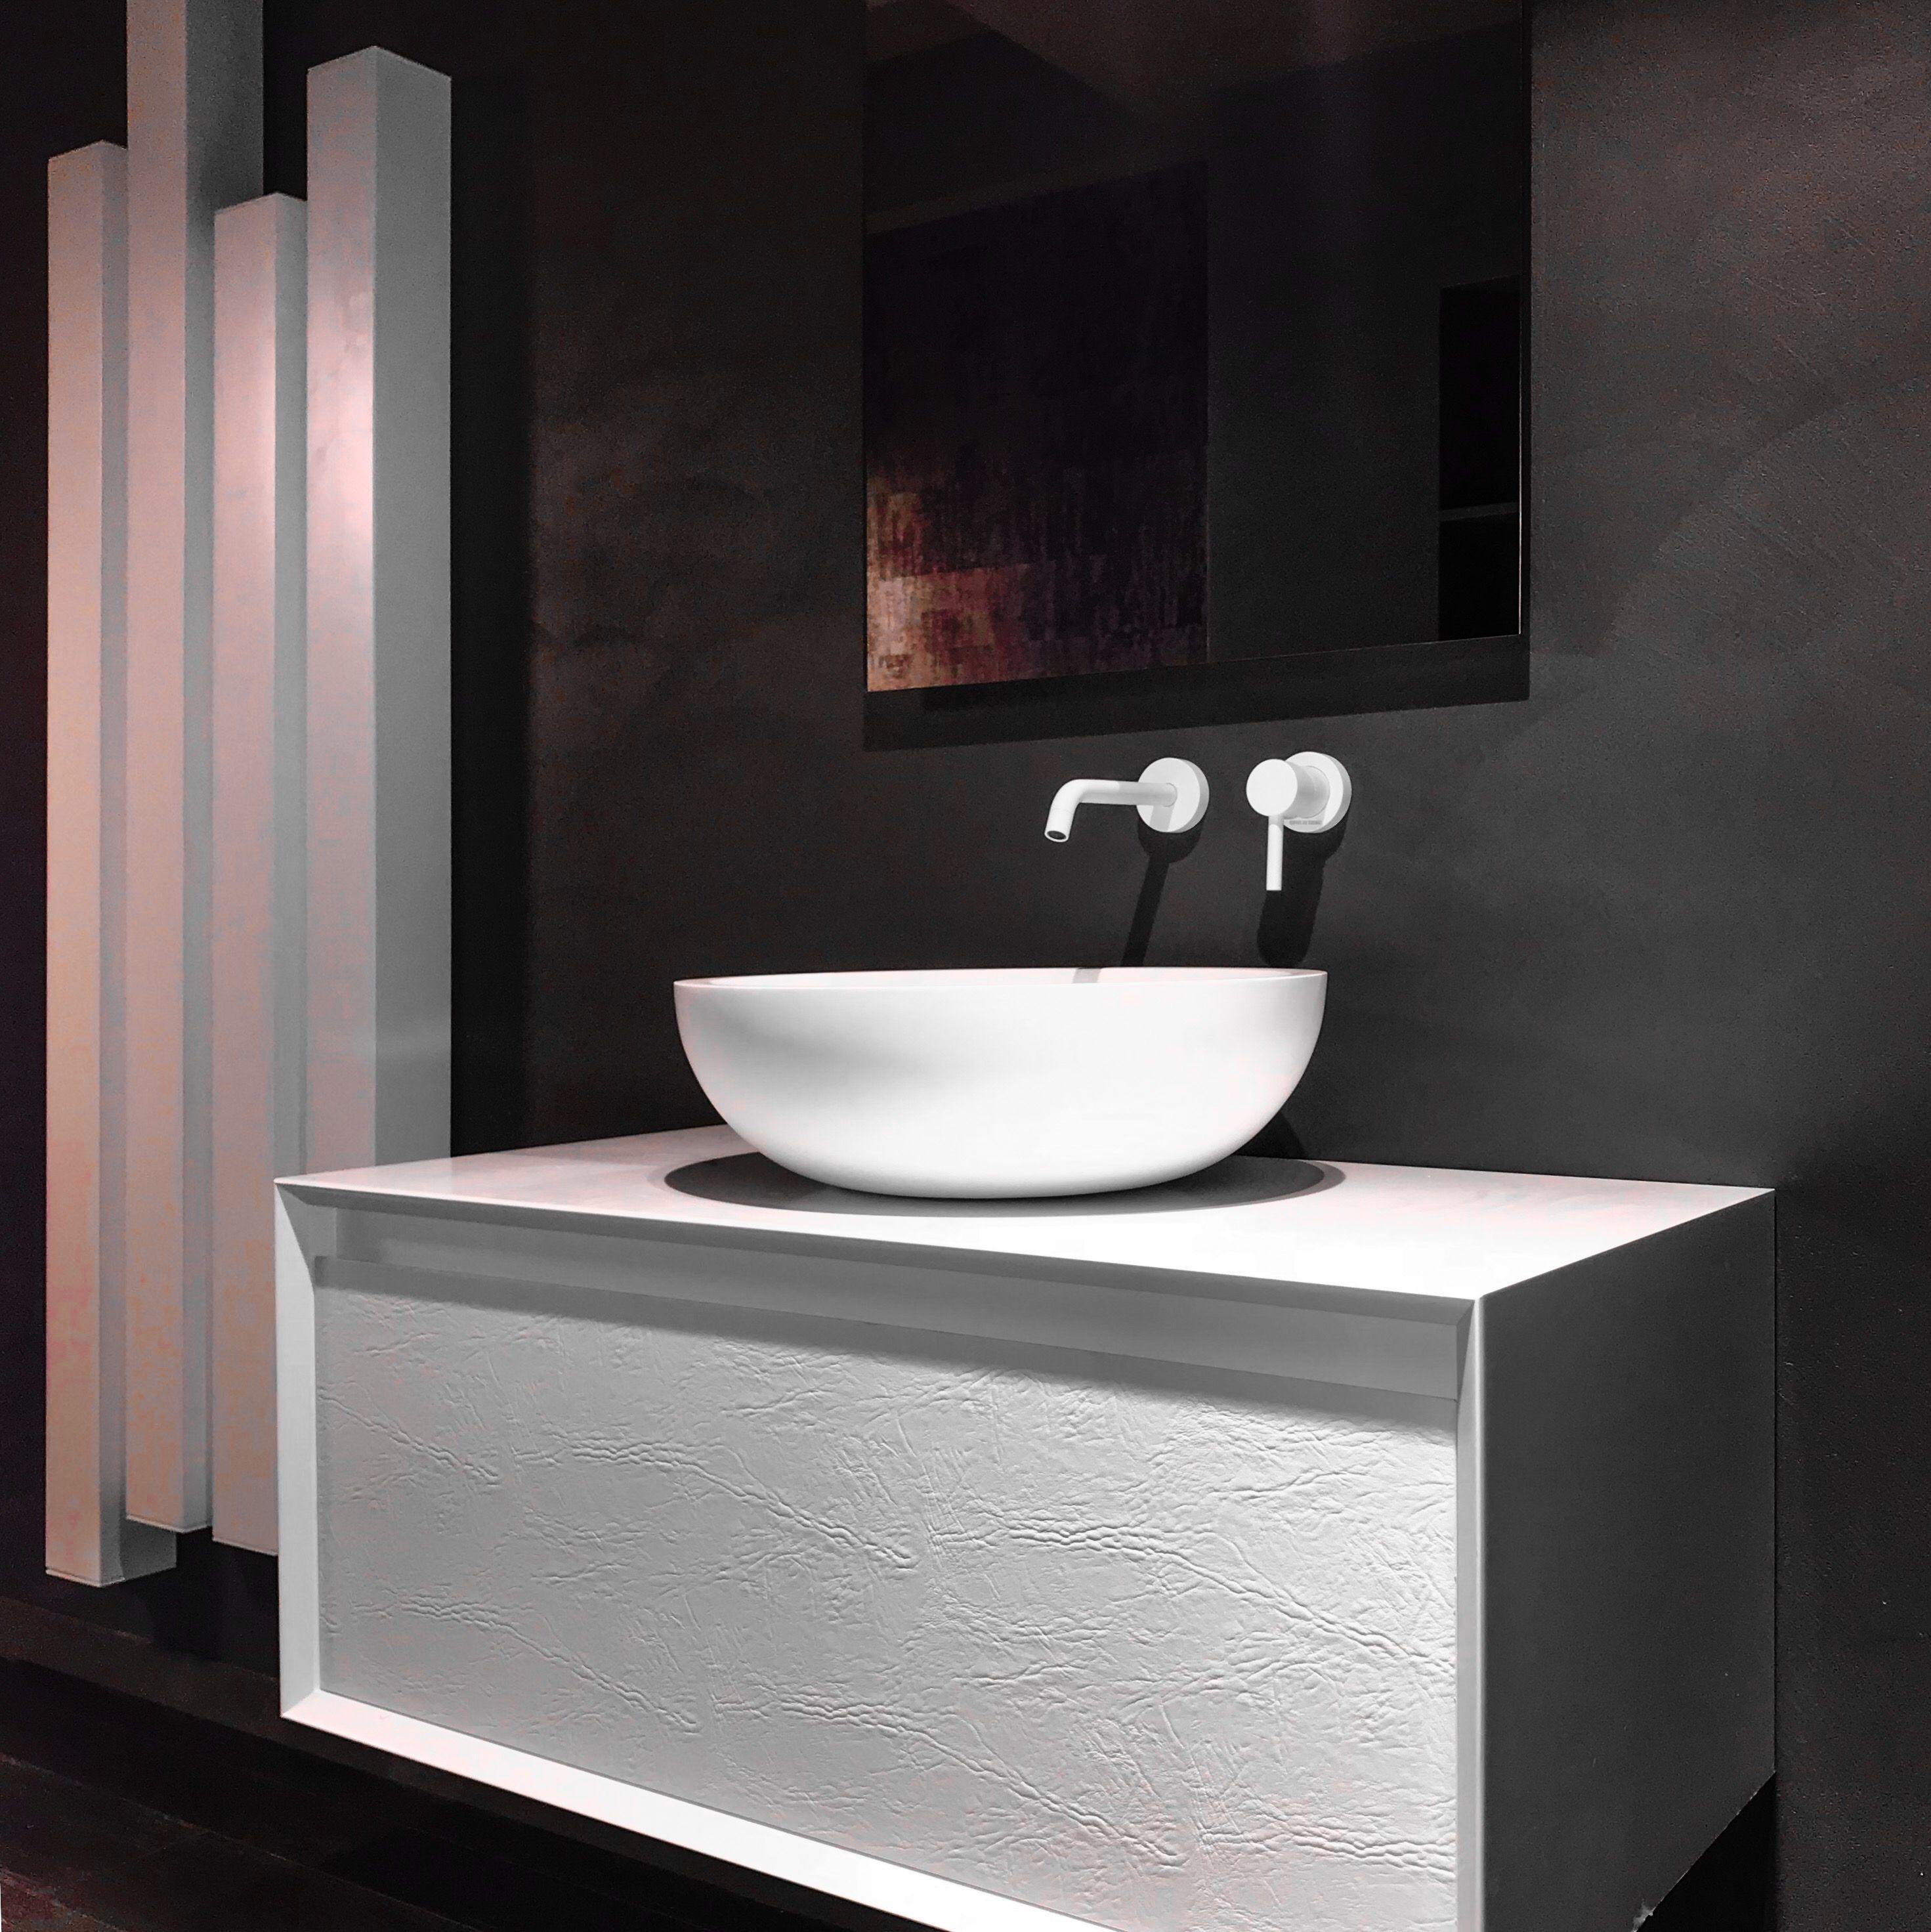 Mobile Bagno Museum Di Alexander Design Scocca Supermatt Bianco